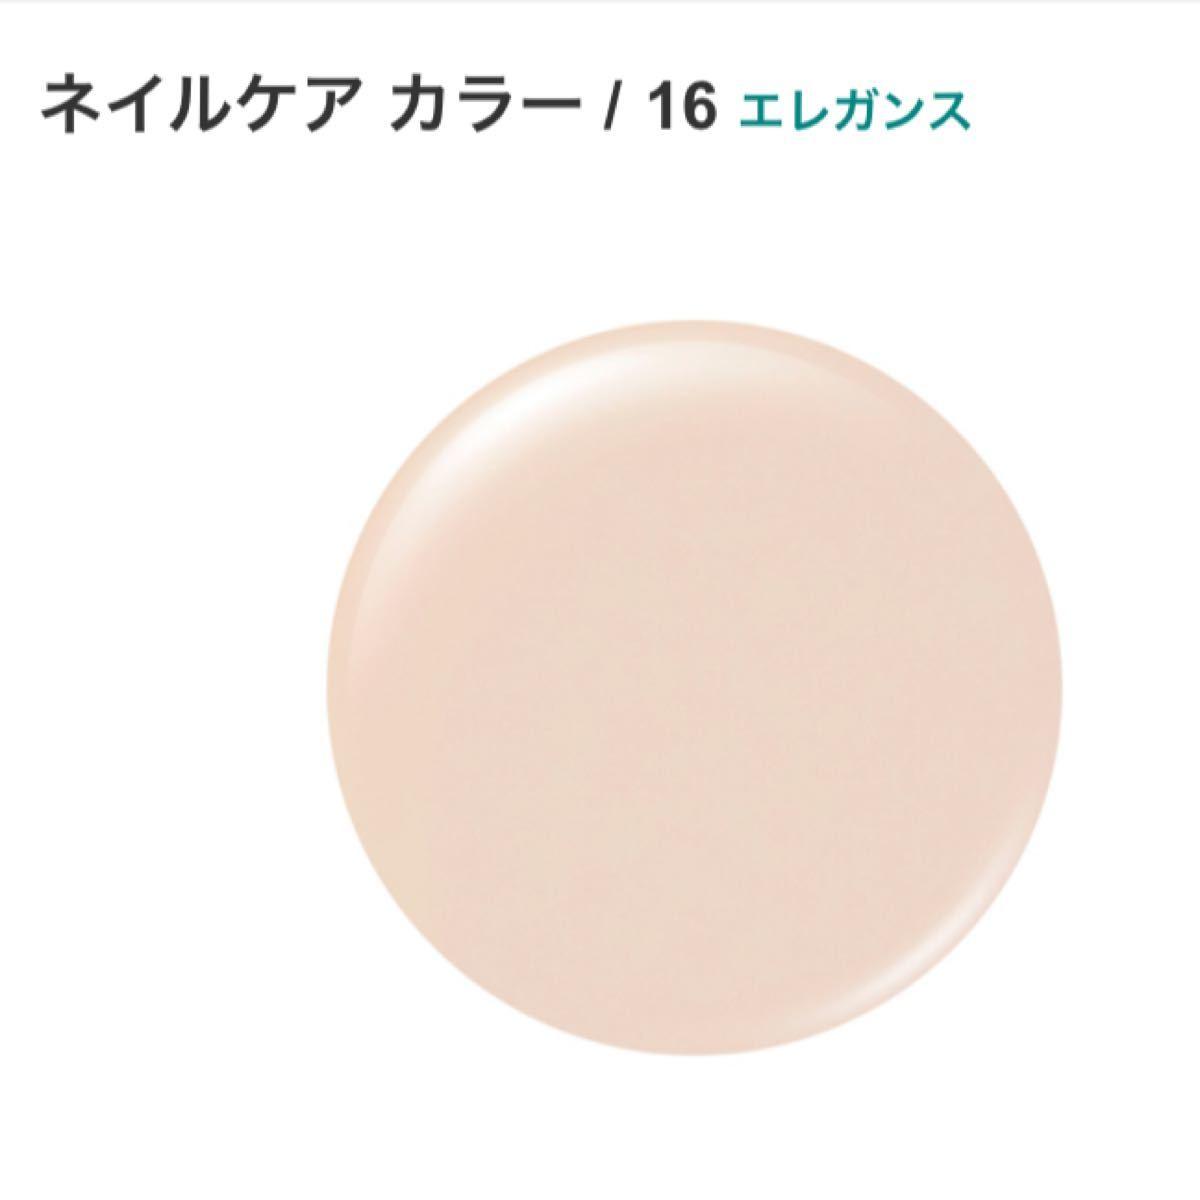 エレガンス ネイルケア カラー16、17セット 美品